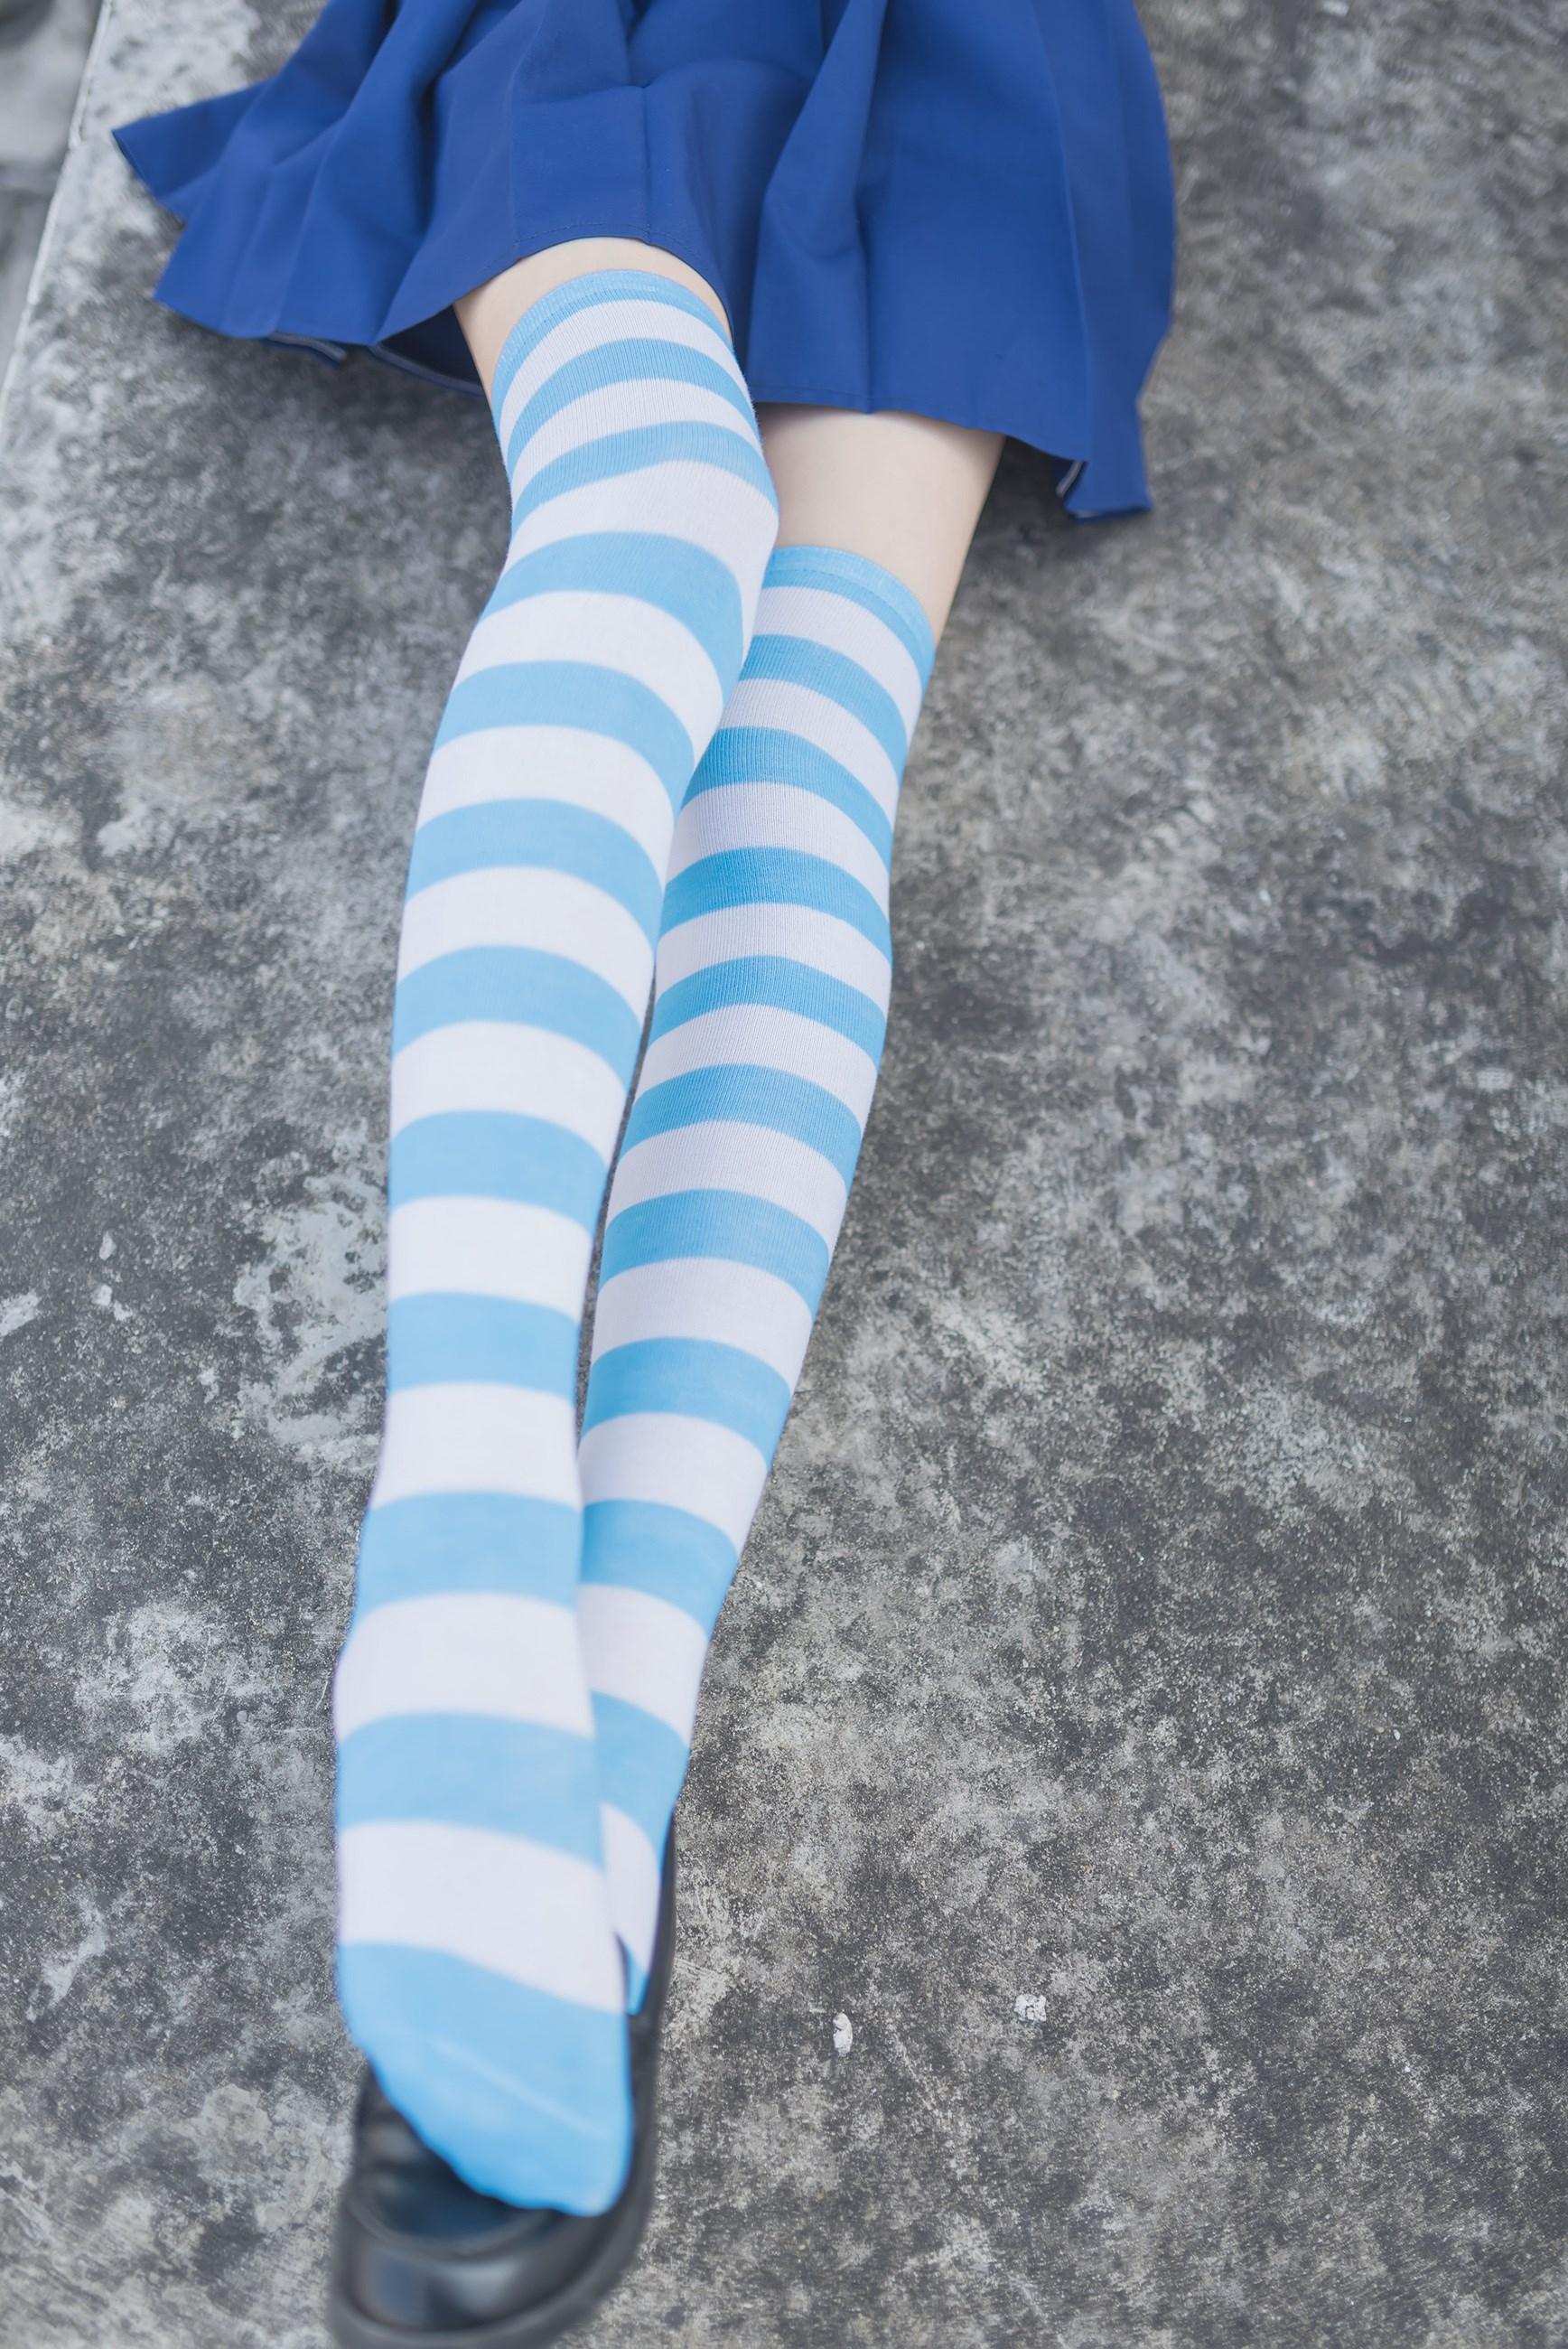 【兔玩映画】蓝白条纹的小细腿 兔玩映画 第44张